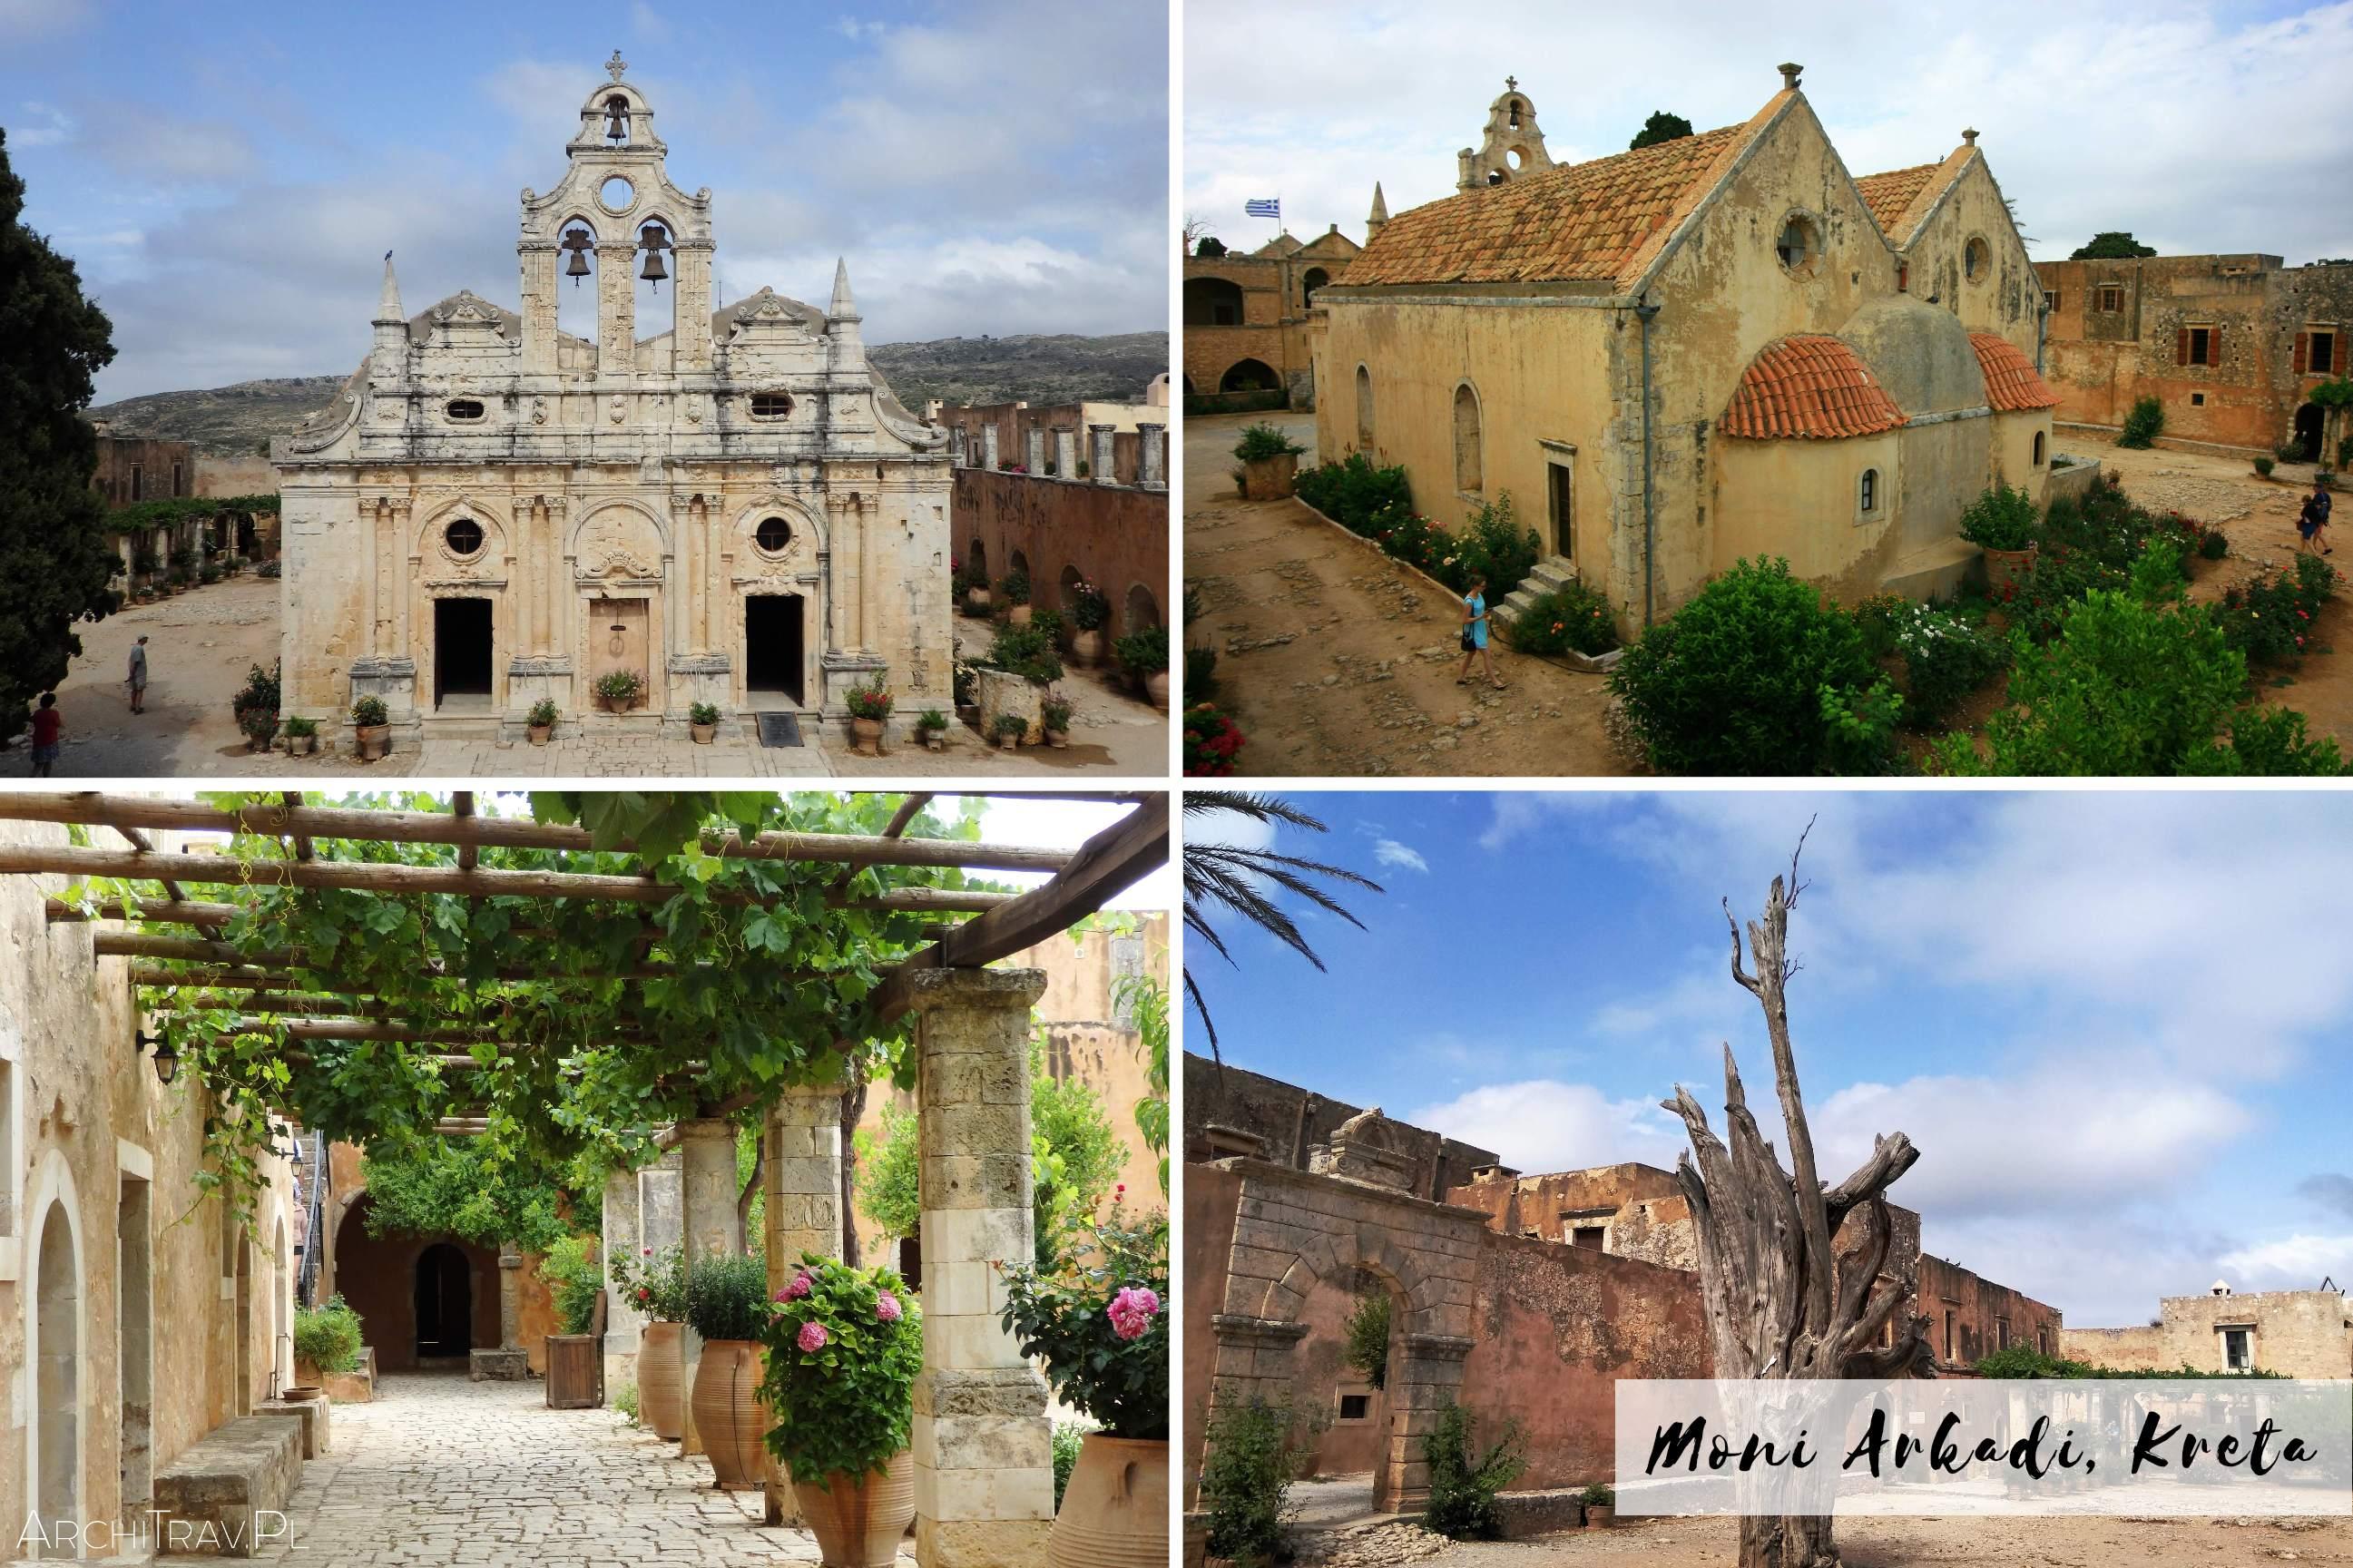 zdjecie zlozone z czterech mniejszych - Moni Arkadi Kreta - kosciol, kasztor, drzewo